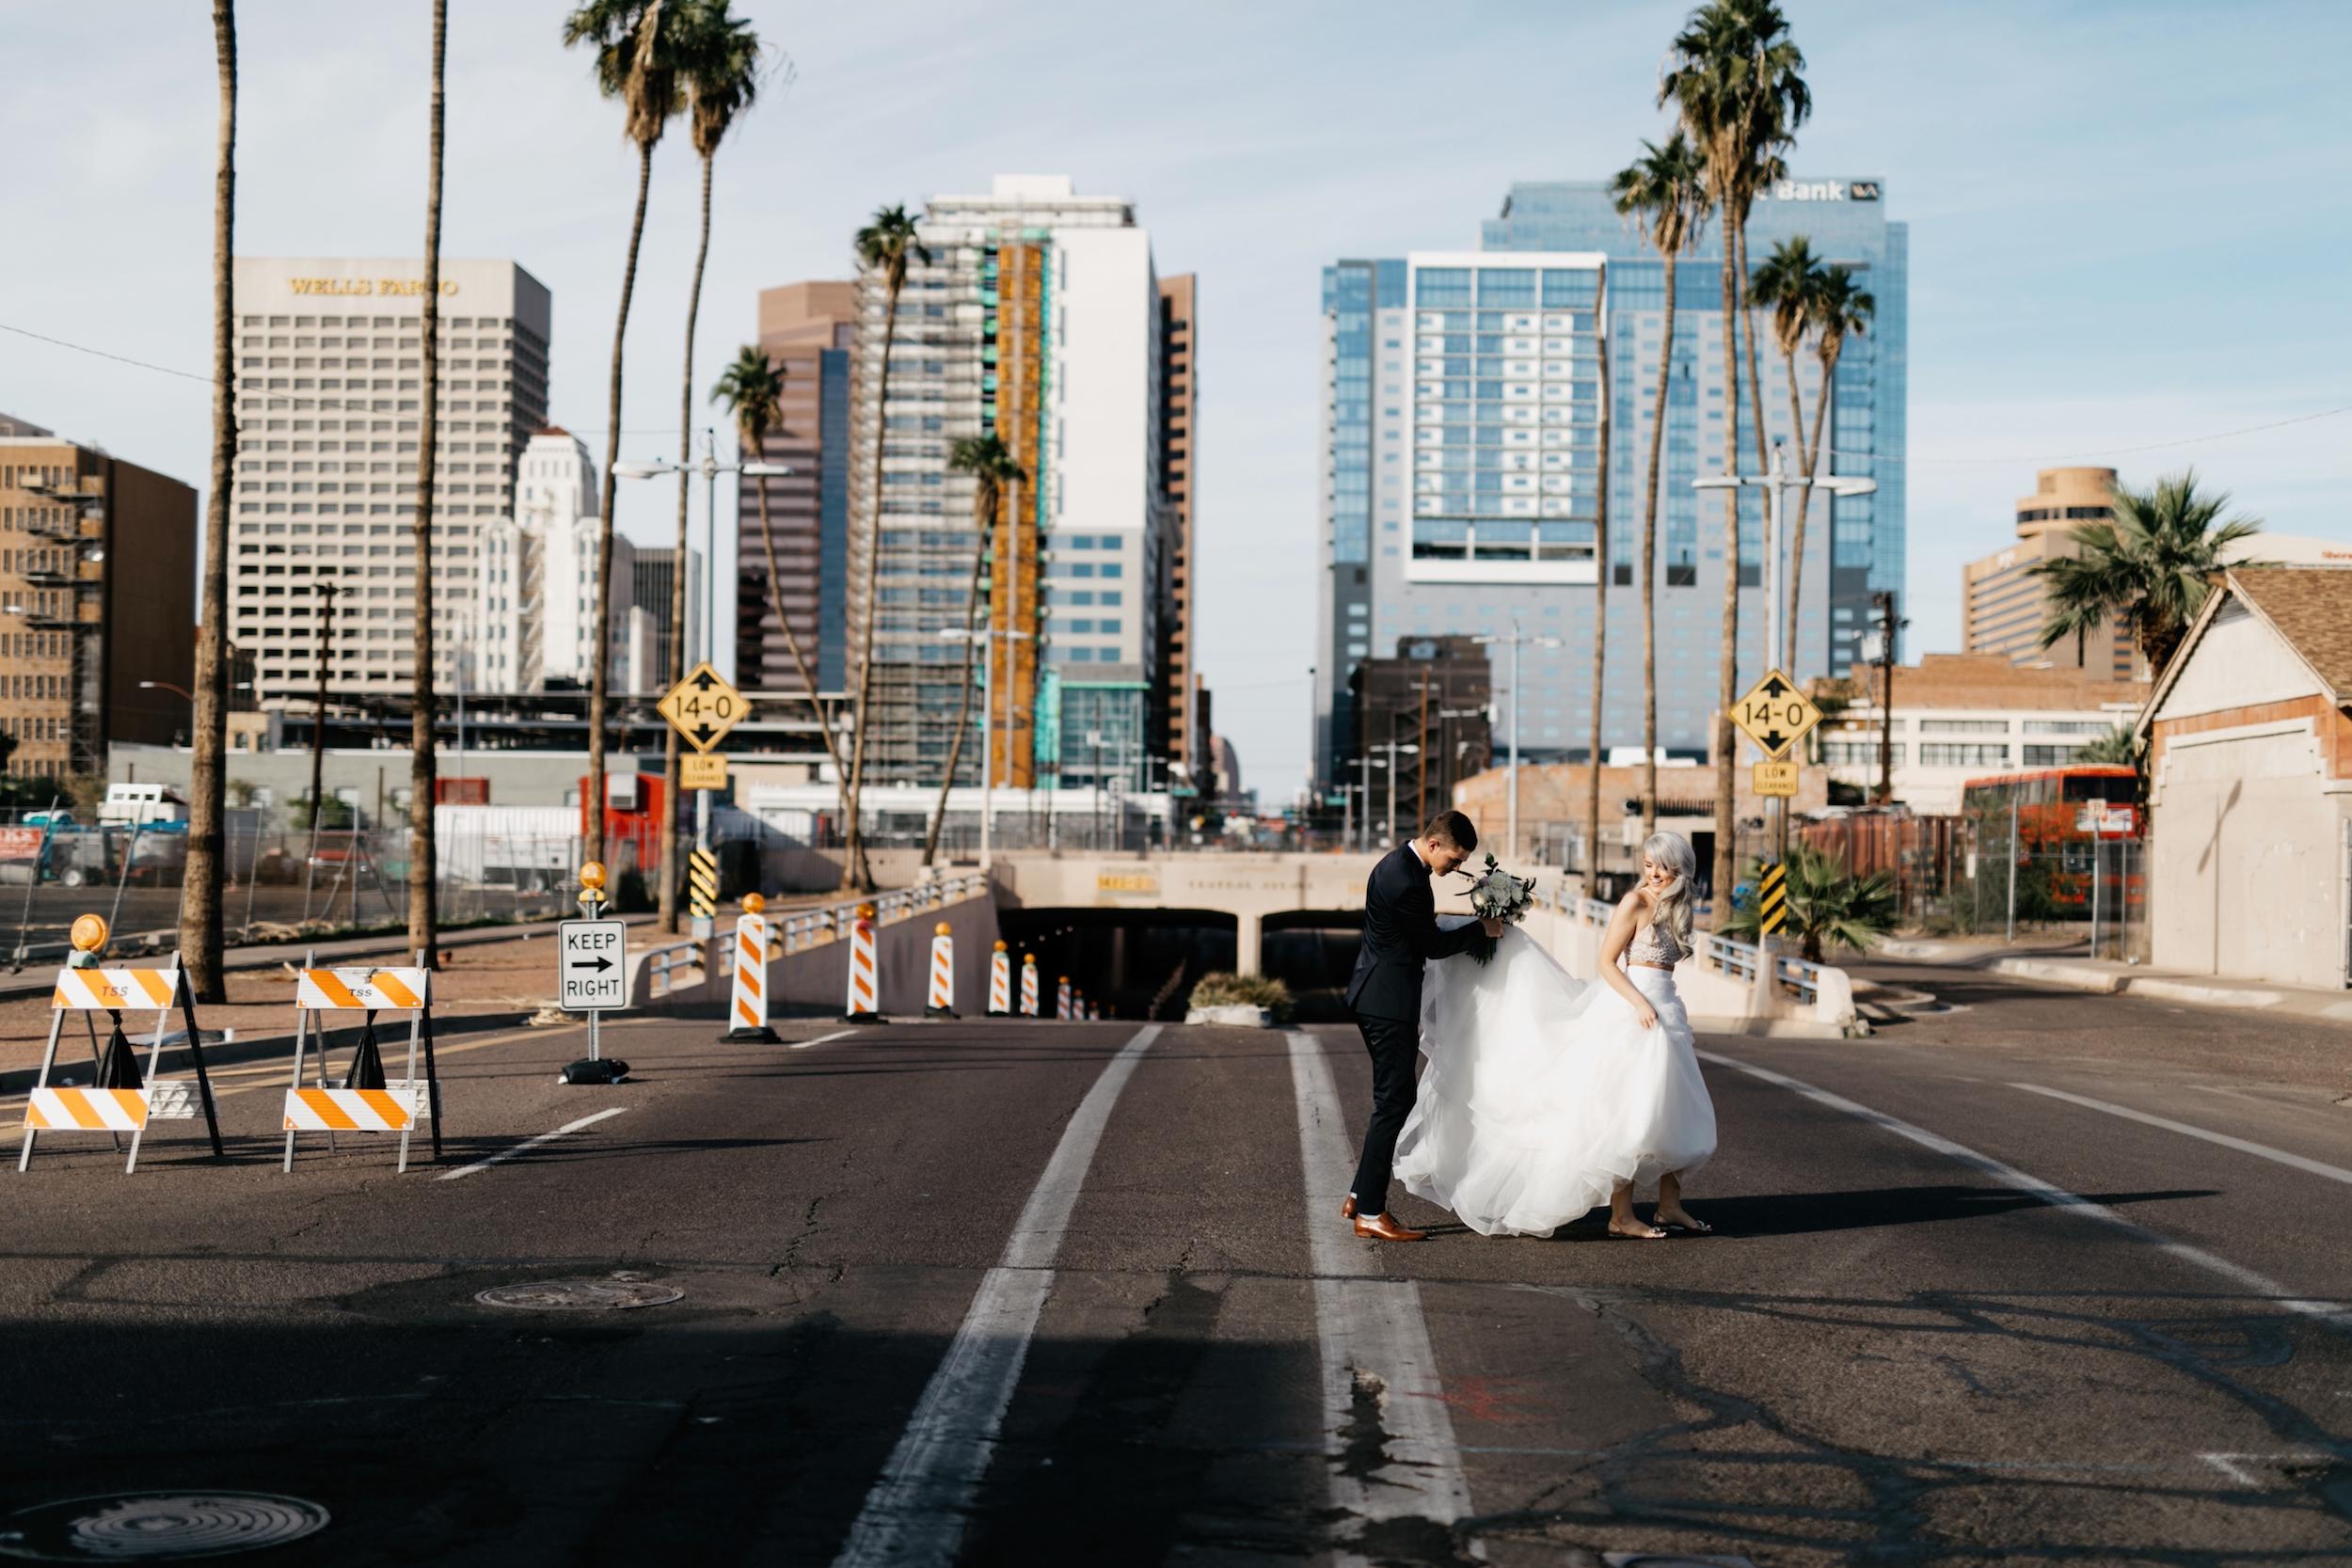 arizona - wedding - photography 01270.jpg